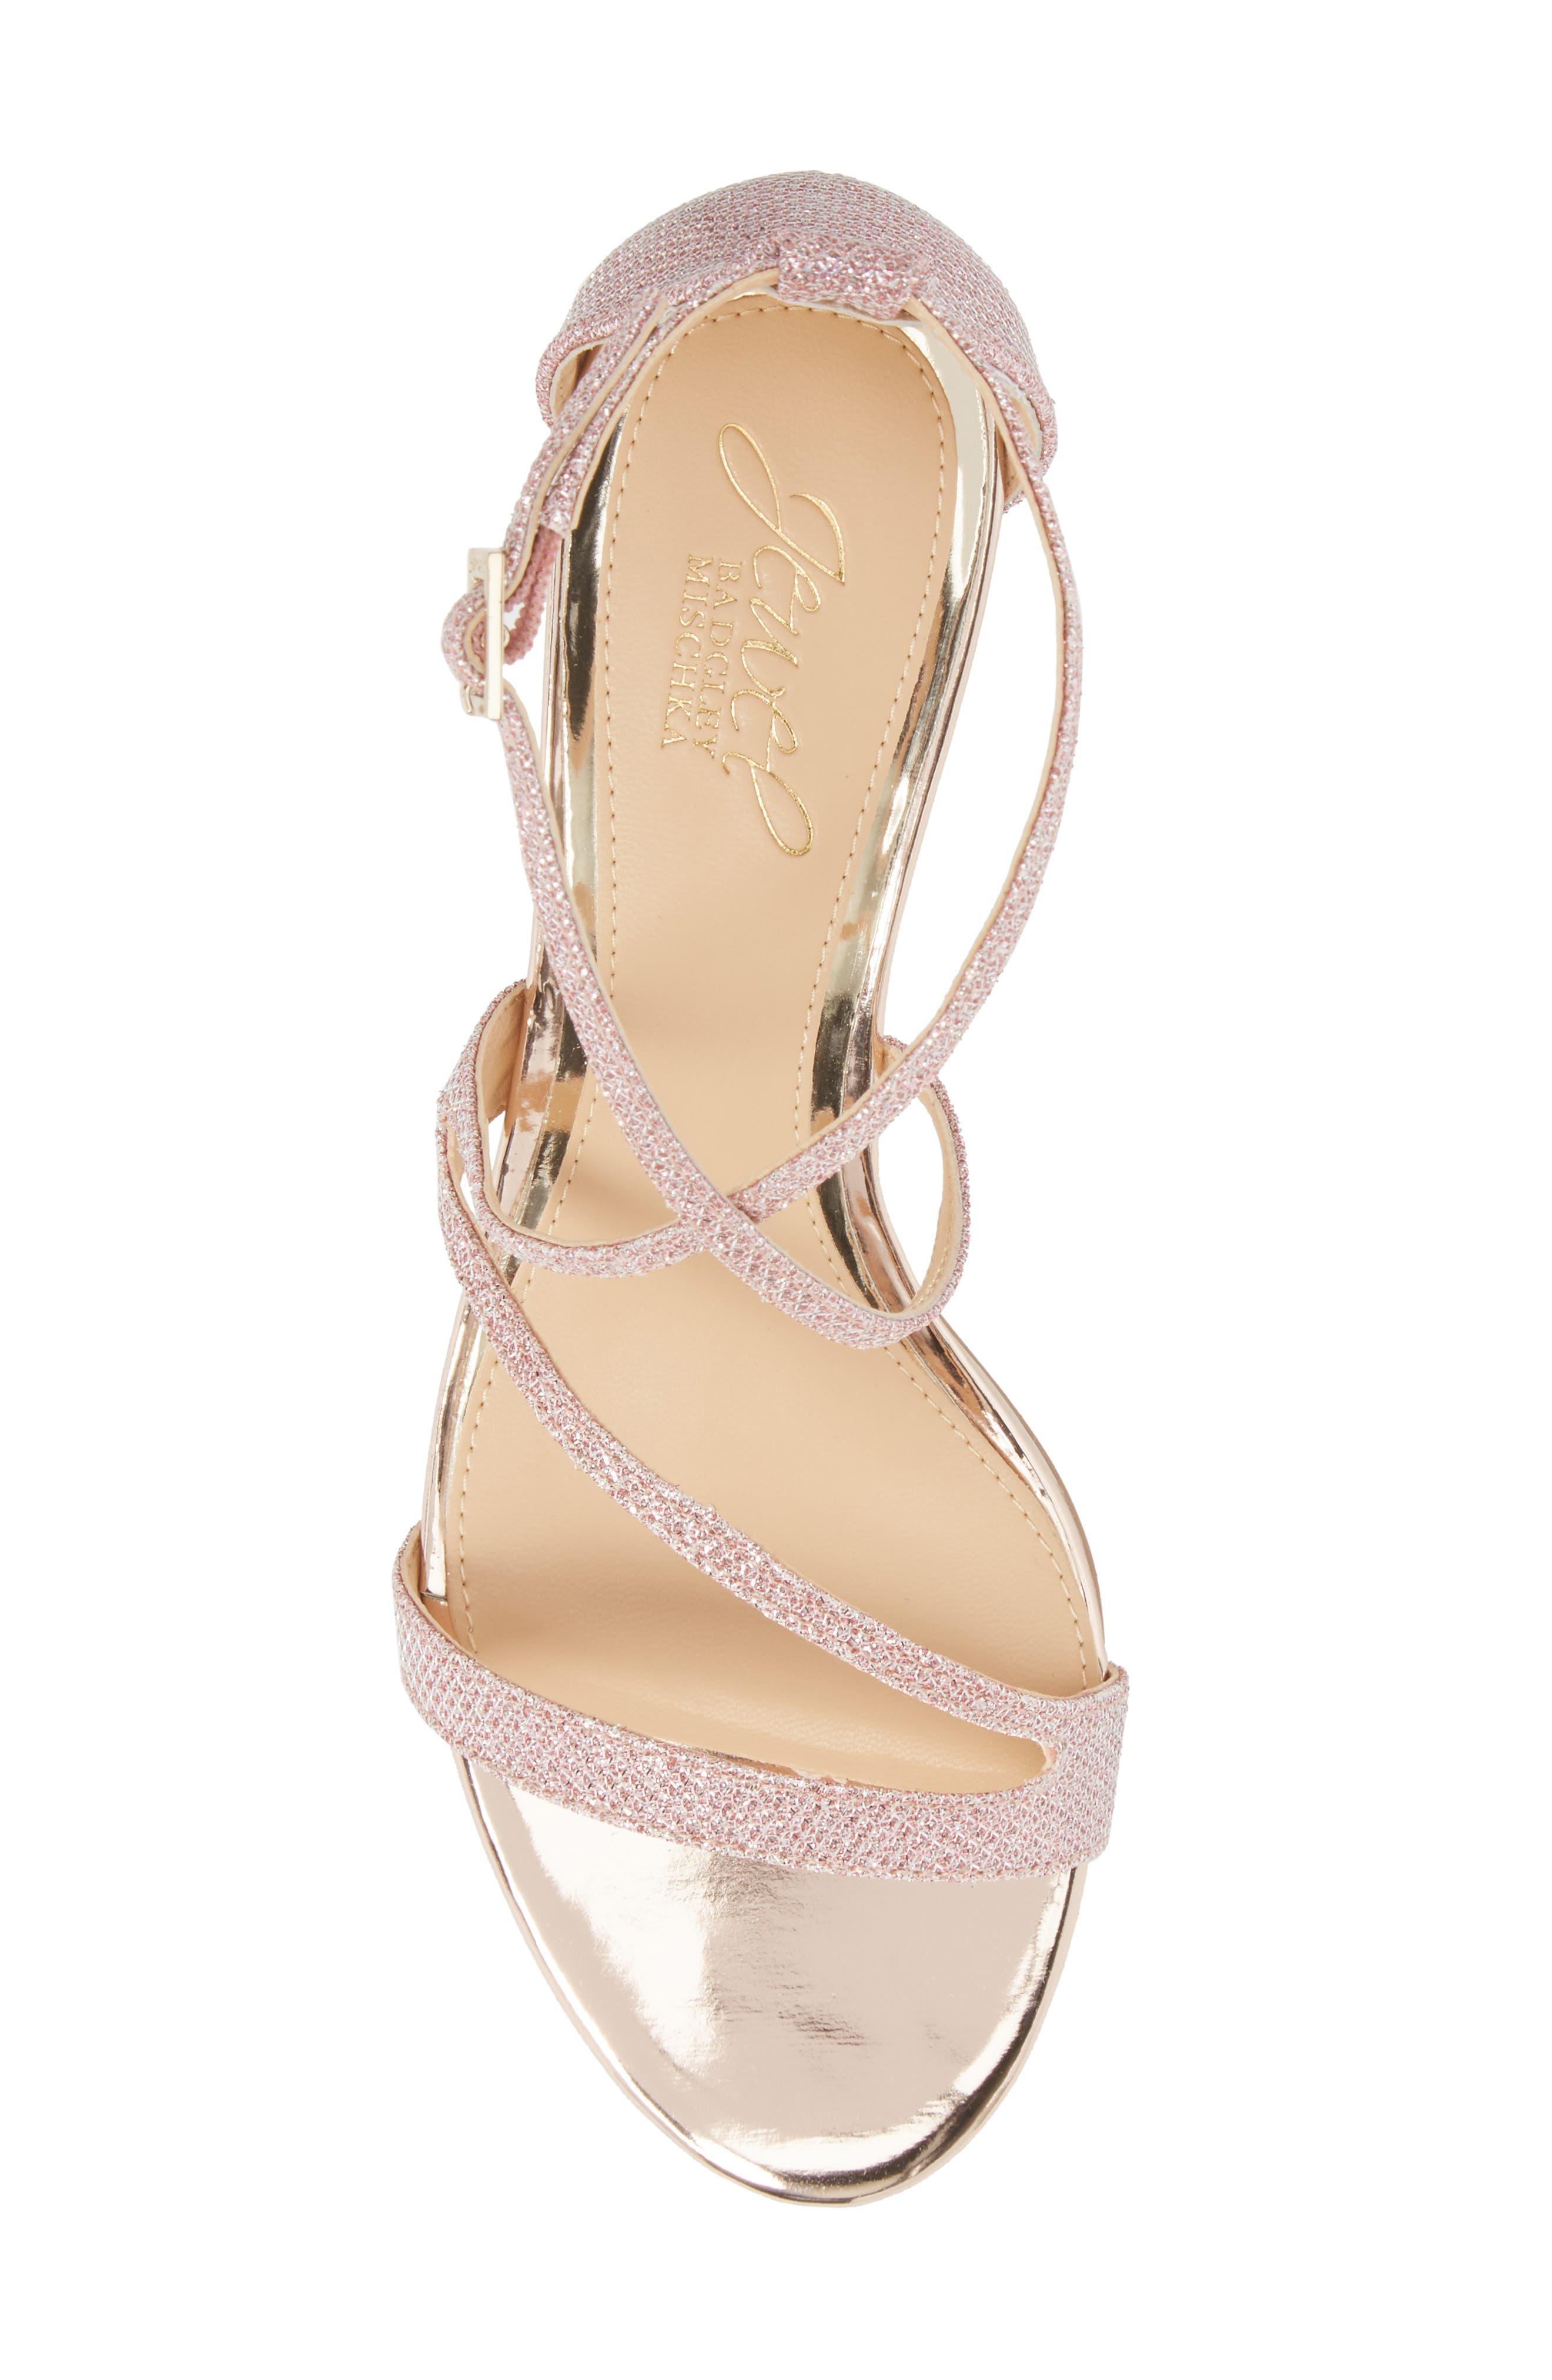 Gal Glitter Kitten Heel Sandal,                             Alternate thumbnail 5, color,                             Rose Gold Glitter Fabric